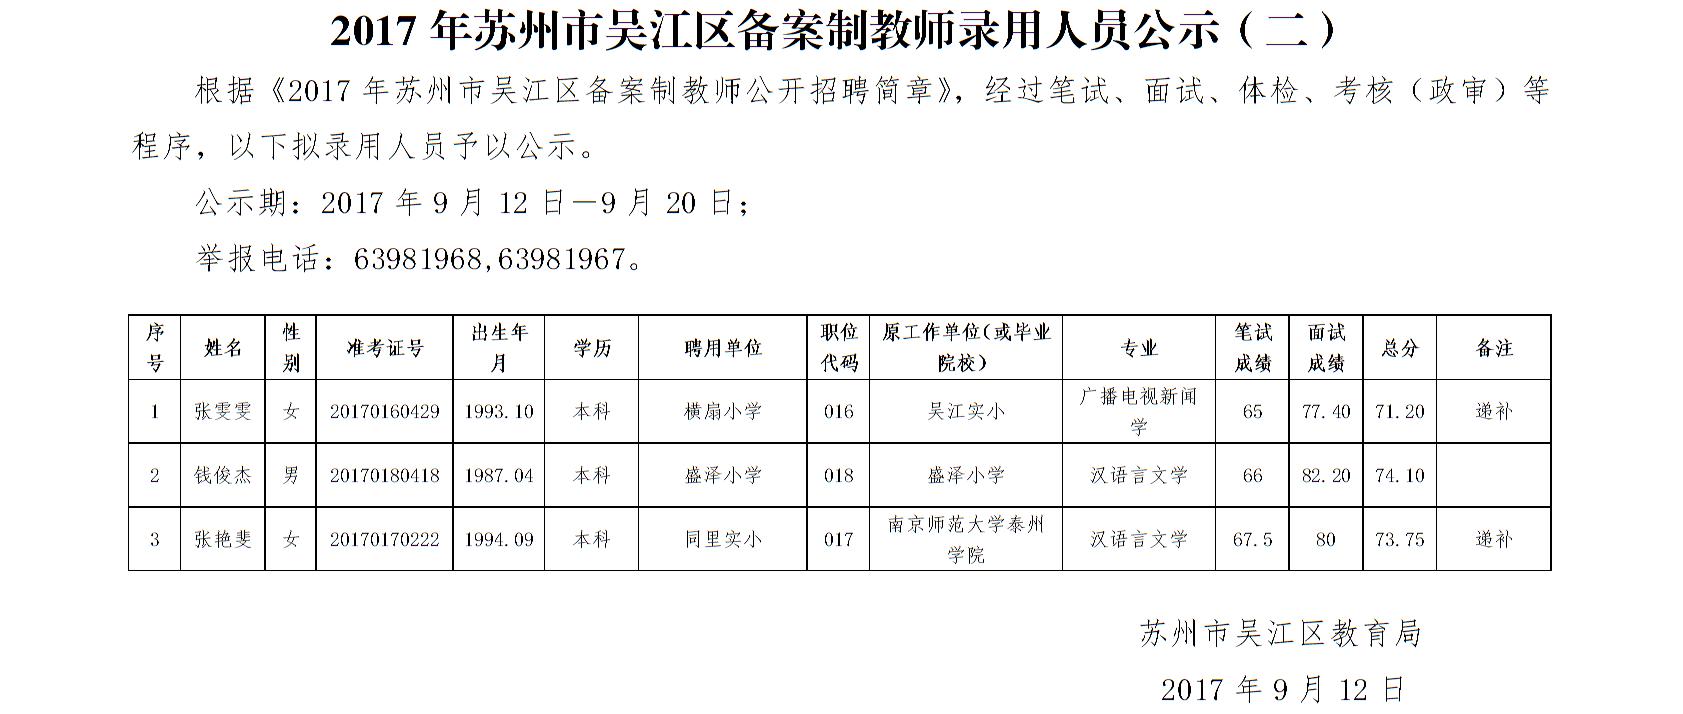 2017年苏州市吴江区备案制教师录用人员公示(二)